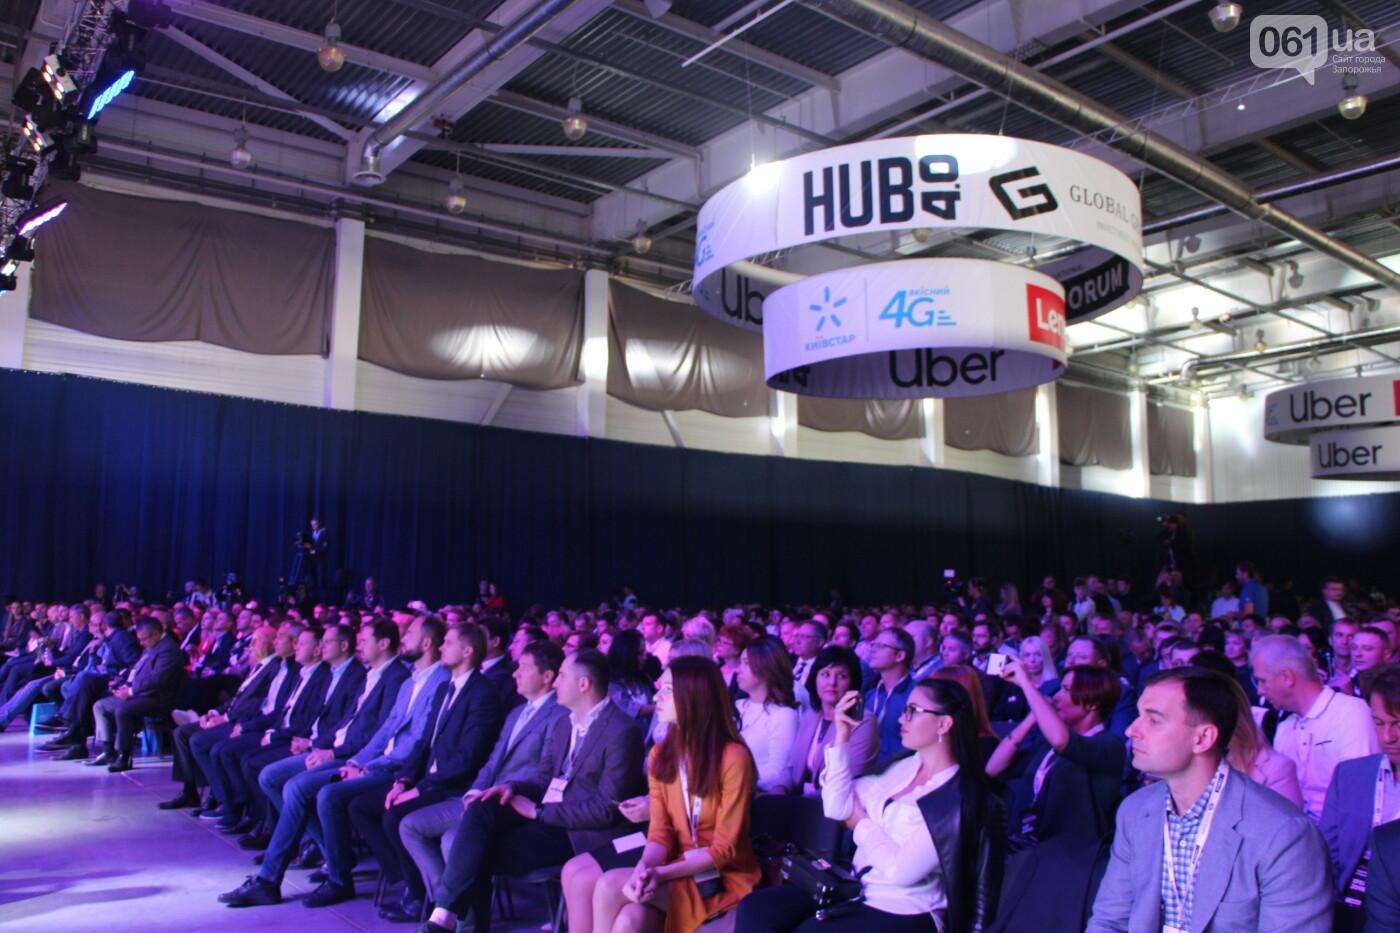 ПриватБанк презентовал свои услуги для фрилансеров и IT-специалистов на International IT Forum 2019, фото-1